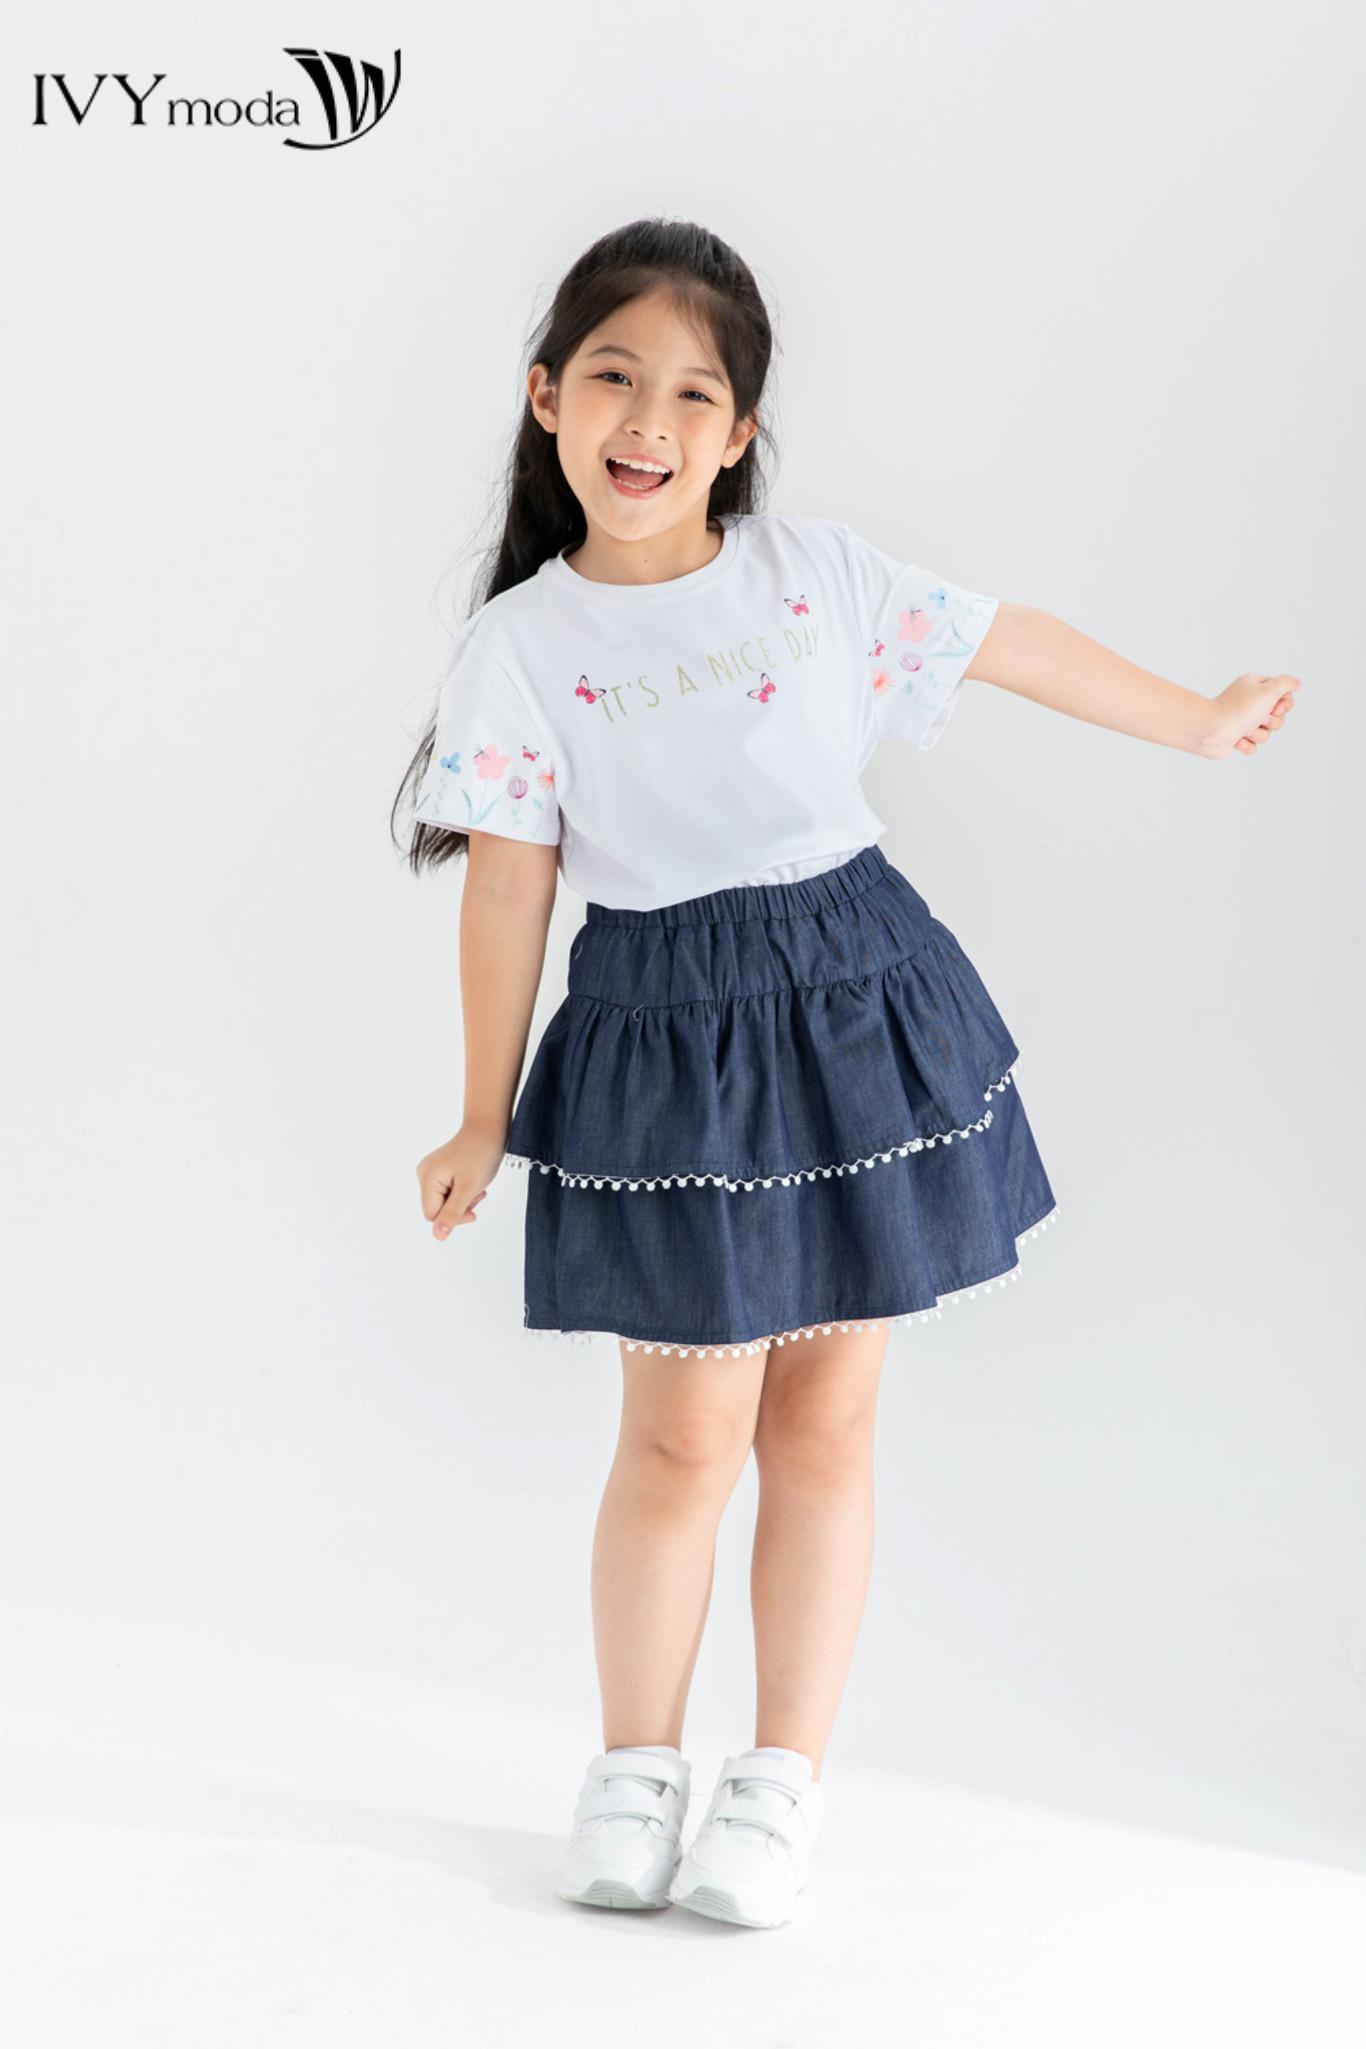 Áo thun bé gái in chữ ánh nhũ dễ thương IVY moda MS 57G1342